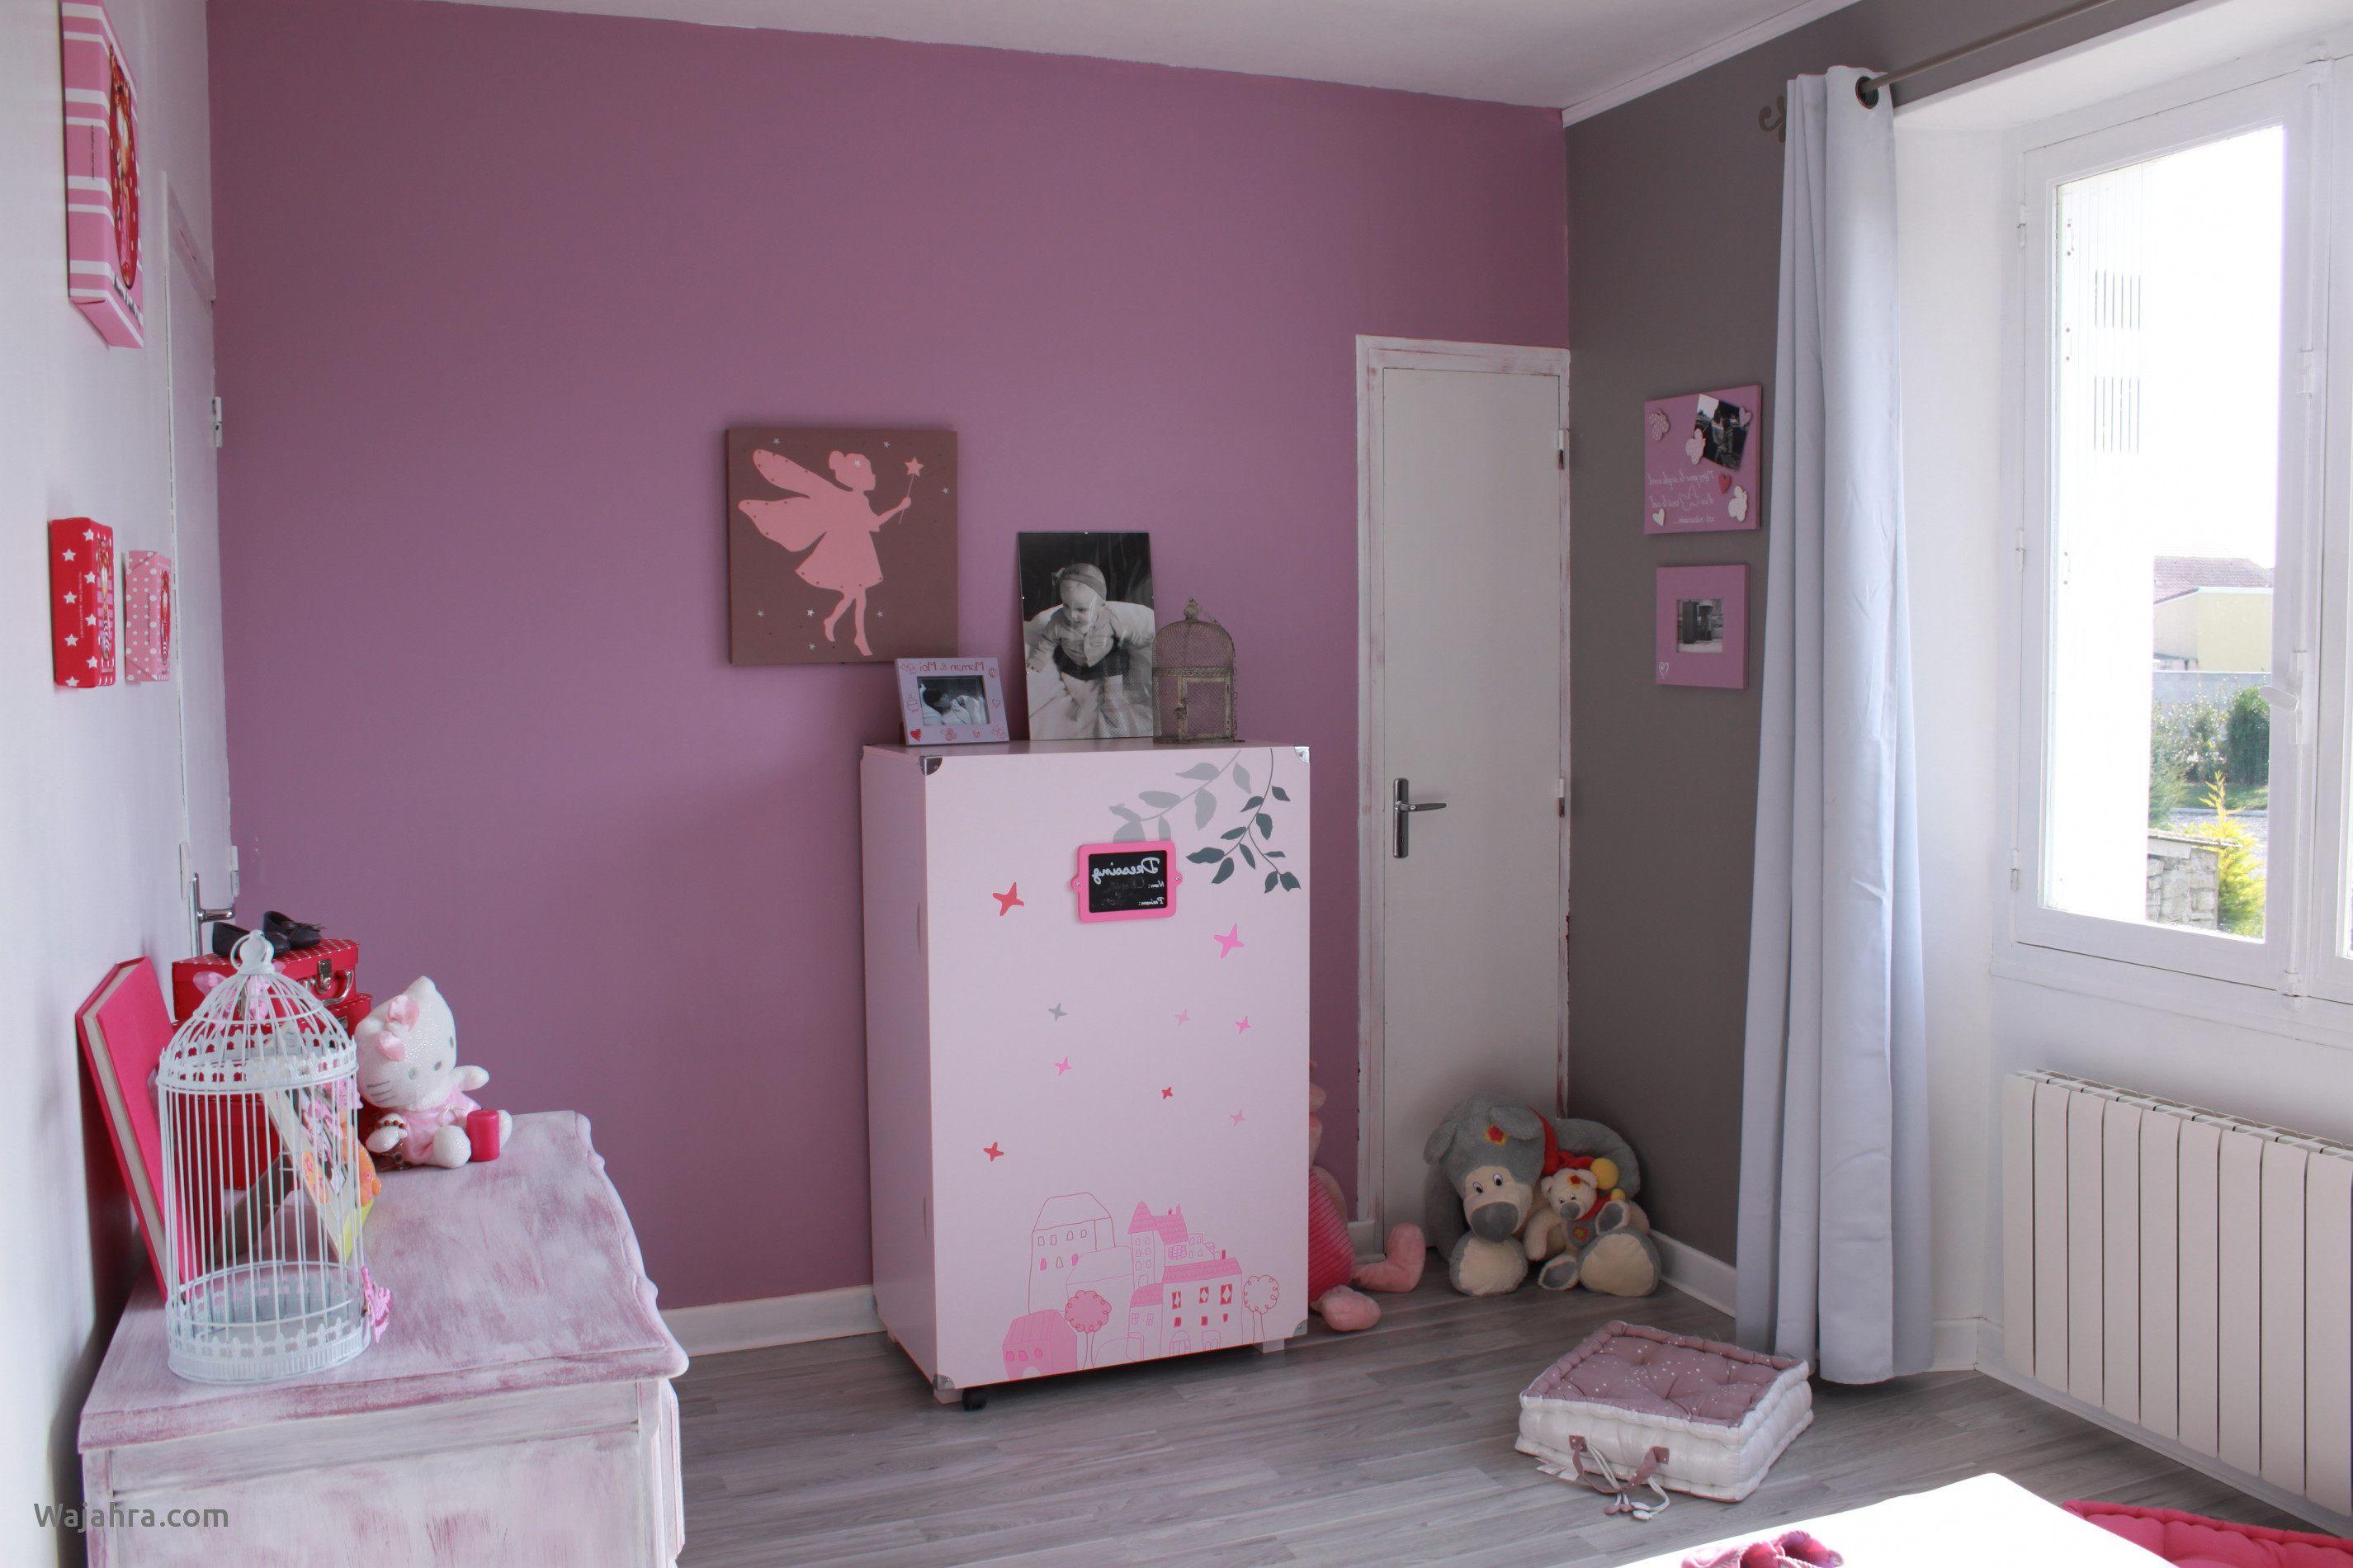 Ciel Lit Bébé De Luxe Bon Chambre B Fille Lit Cododo L Gant Belle Peinture C3 A9b A9 89l